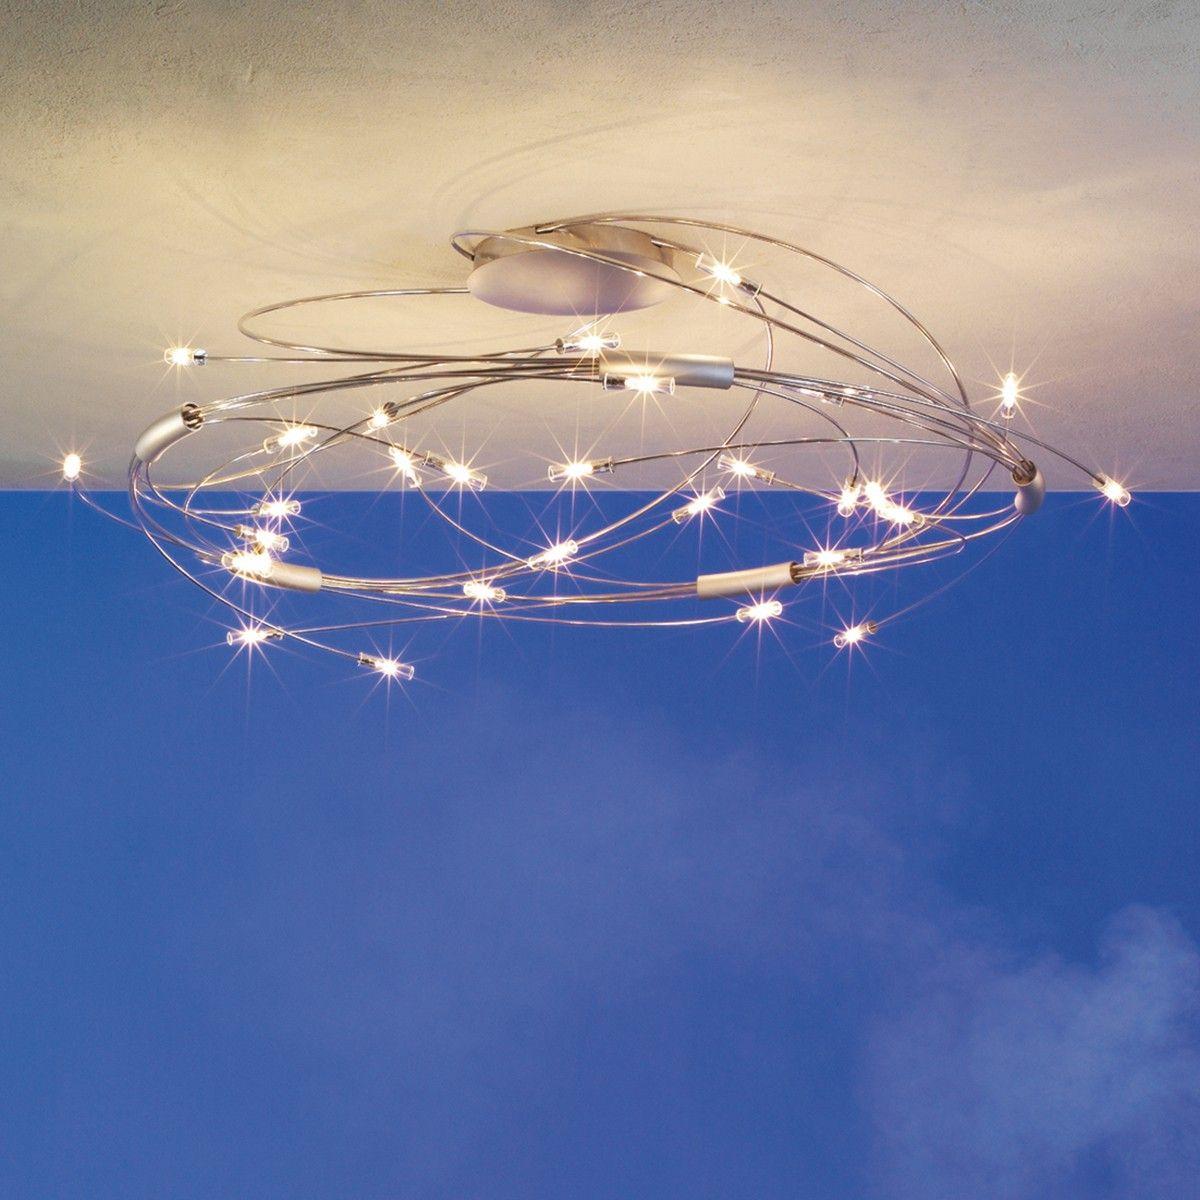 Deckenleuchte Große Deckenbeleuchtung Wohnzimmer Tipps Designer Deckenleuchte Schwarz Orseo Merk Beleuchtung Decke Deckenleuchte Schwarz Wohnraumleuchten